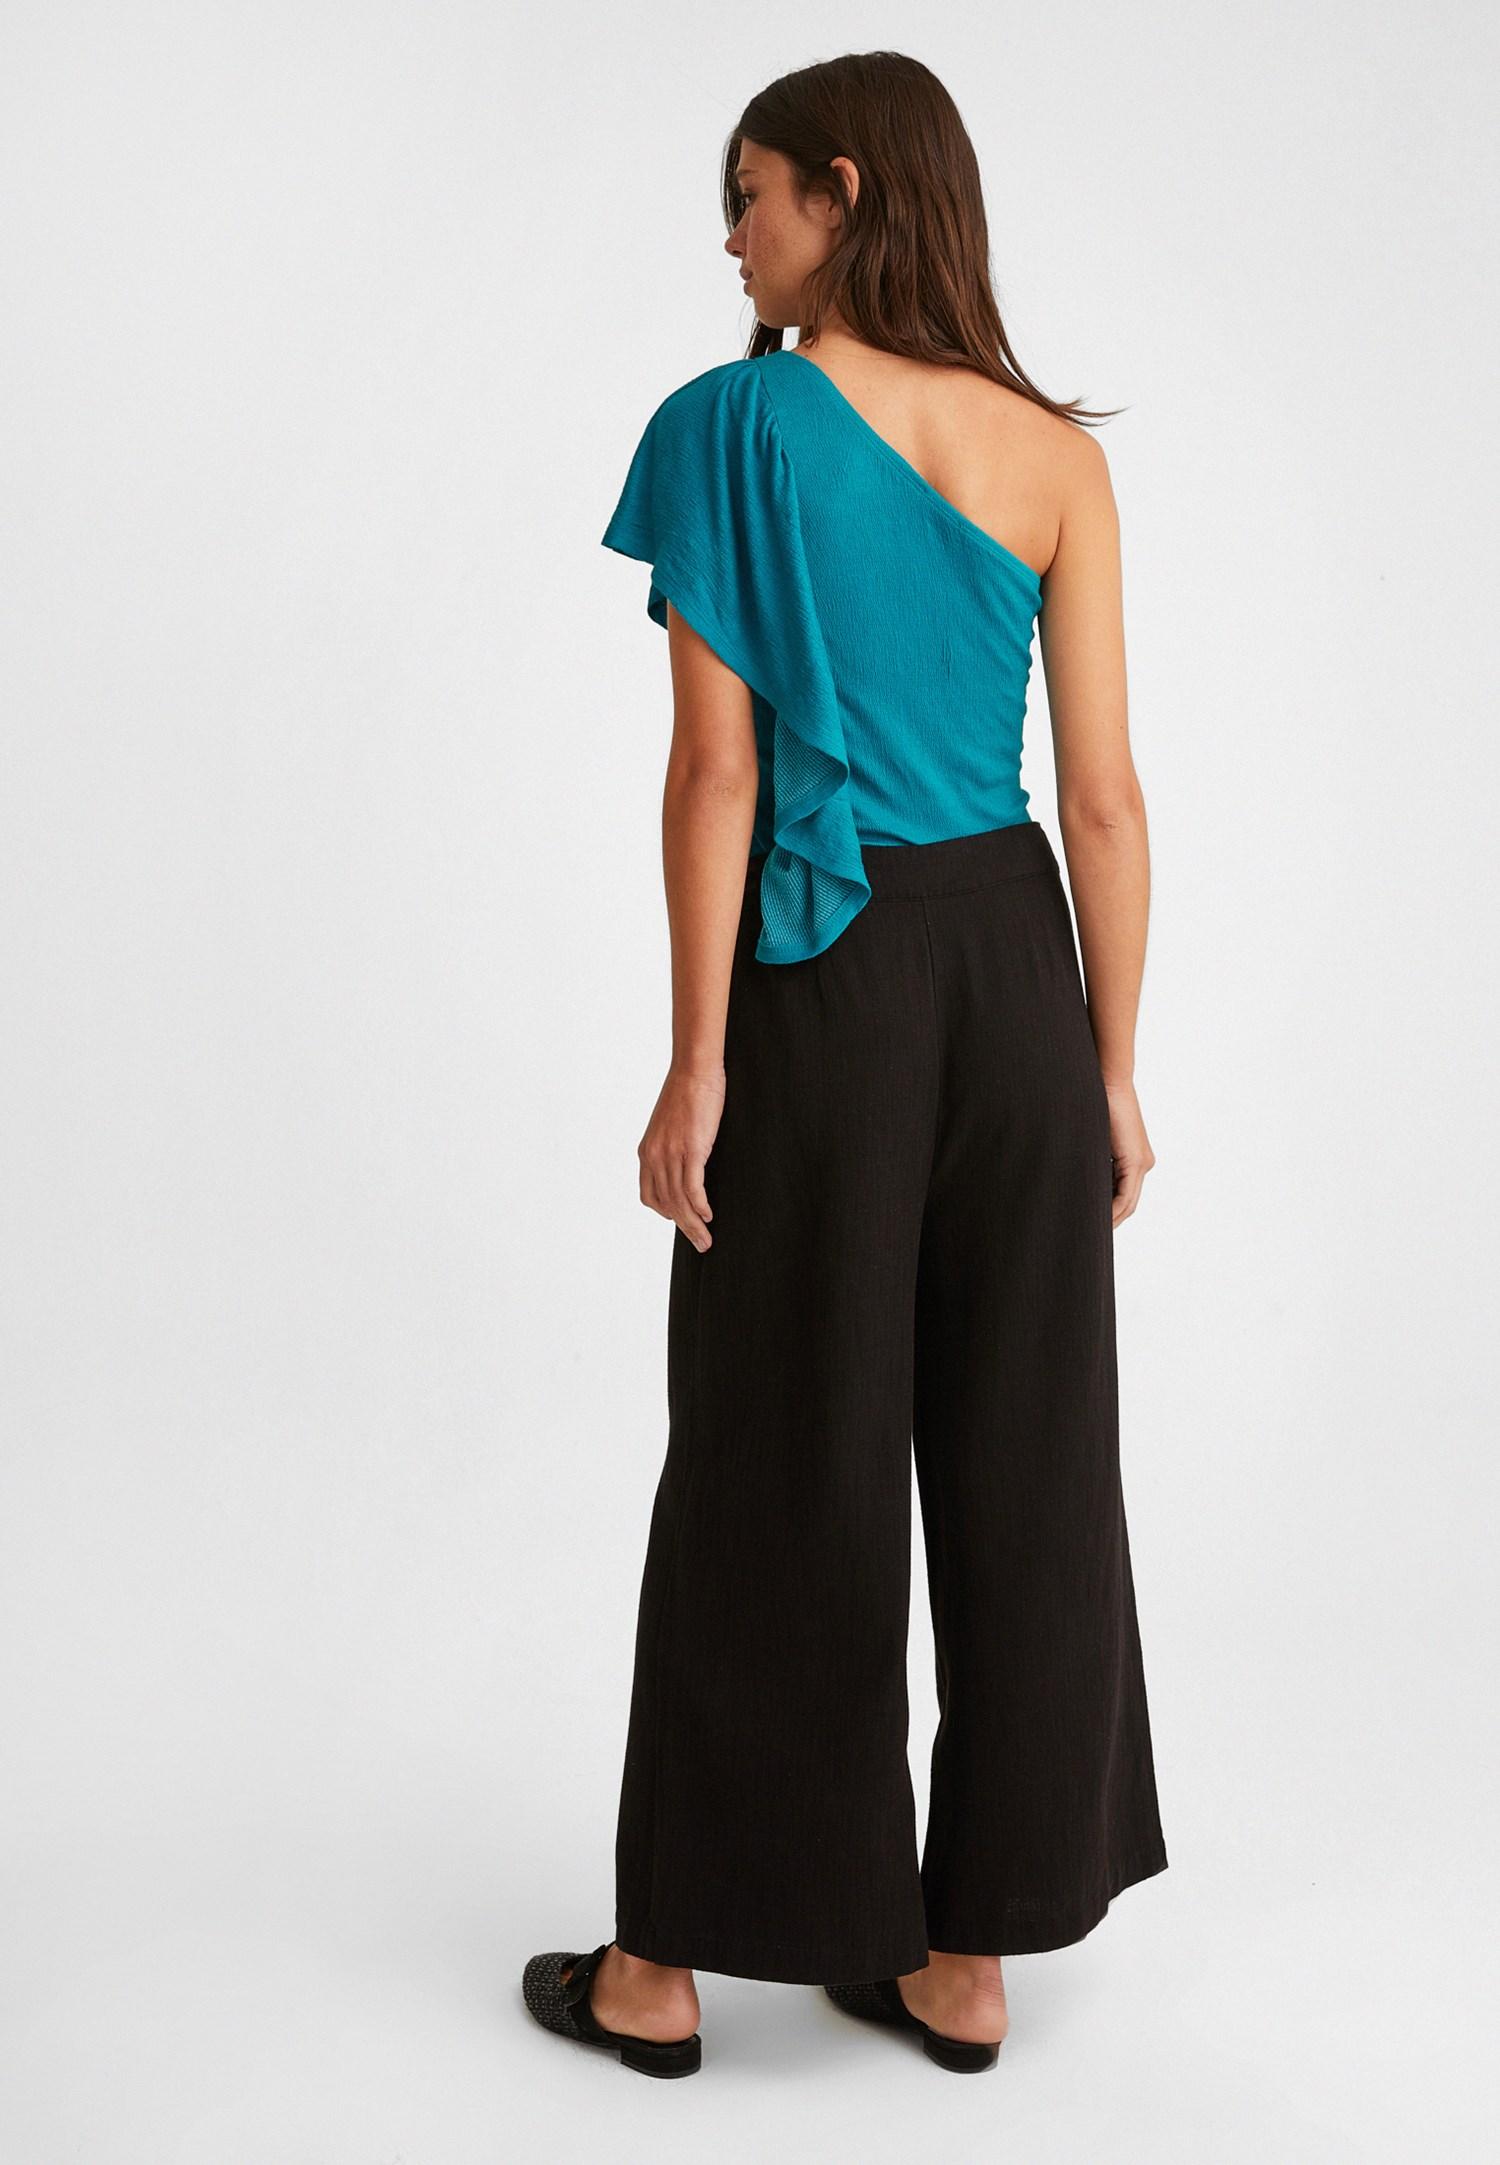 Bayan Siyah Düğme Detaylı Yüksek Bel Pantolon